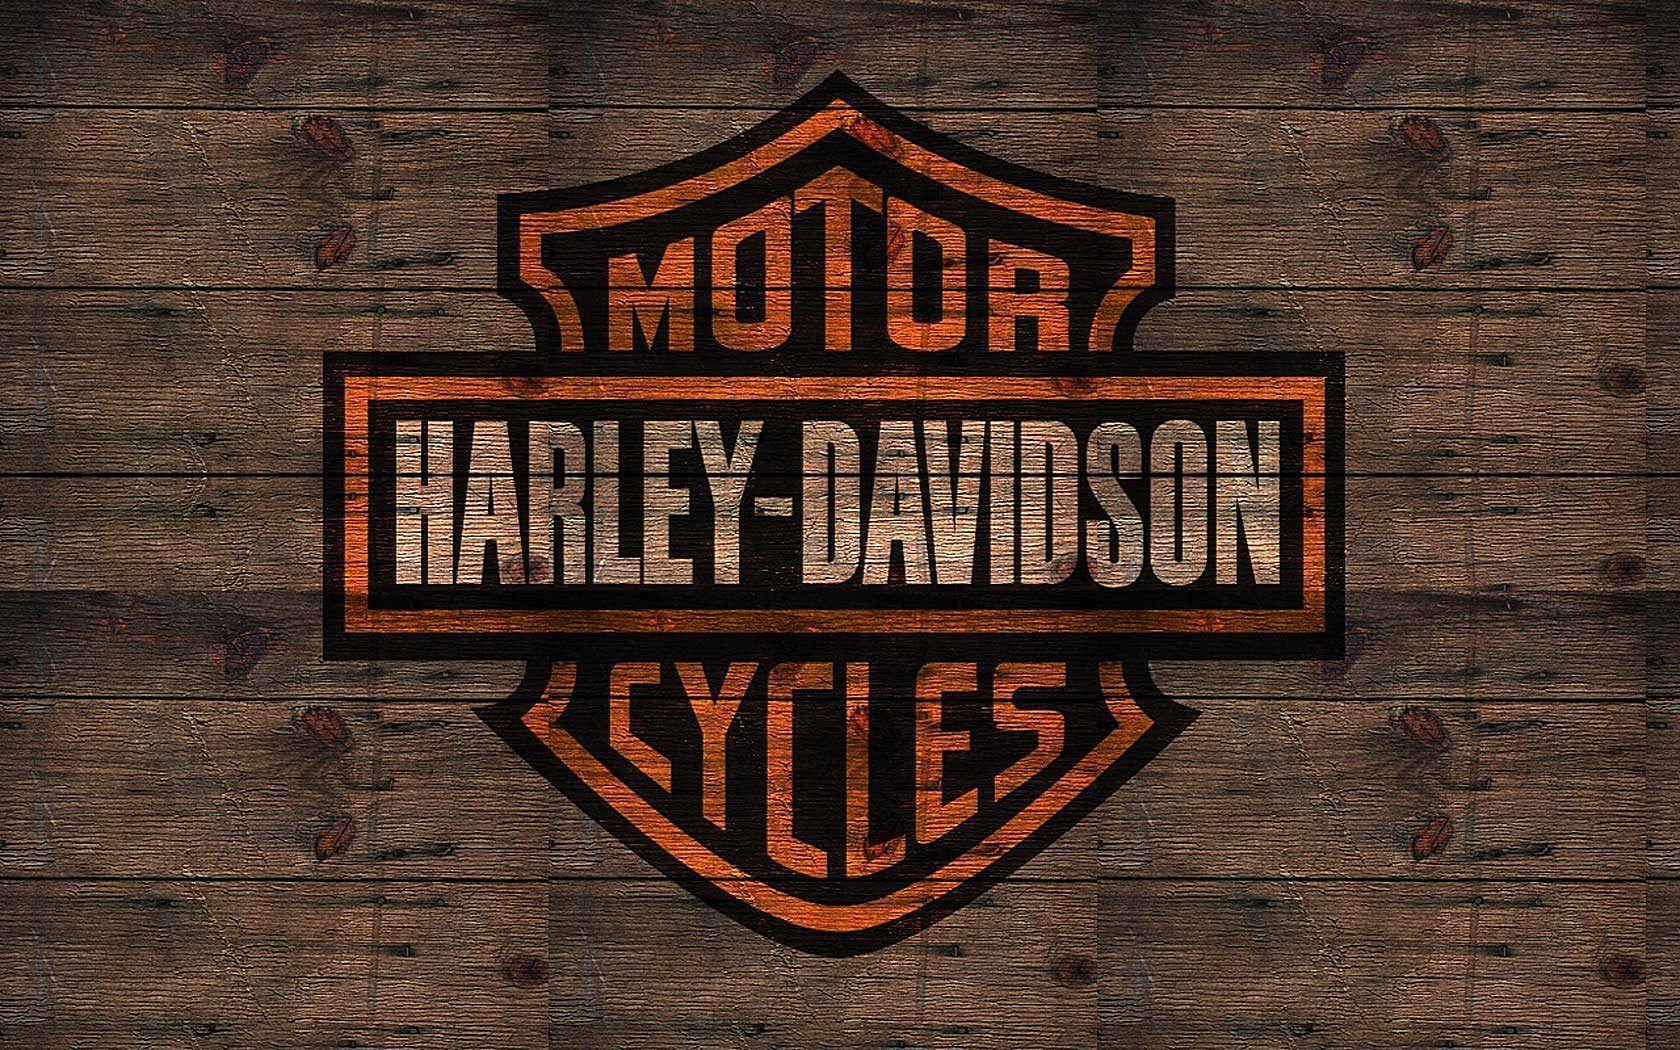 Harley Davidson Wallpaper for Desktop - WallpaperSafari